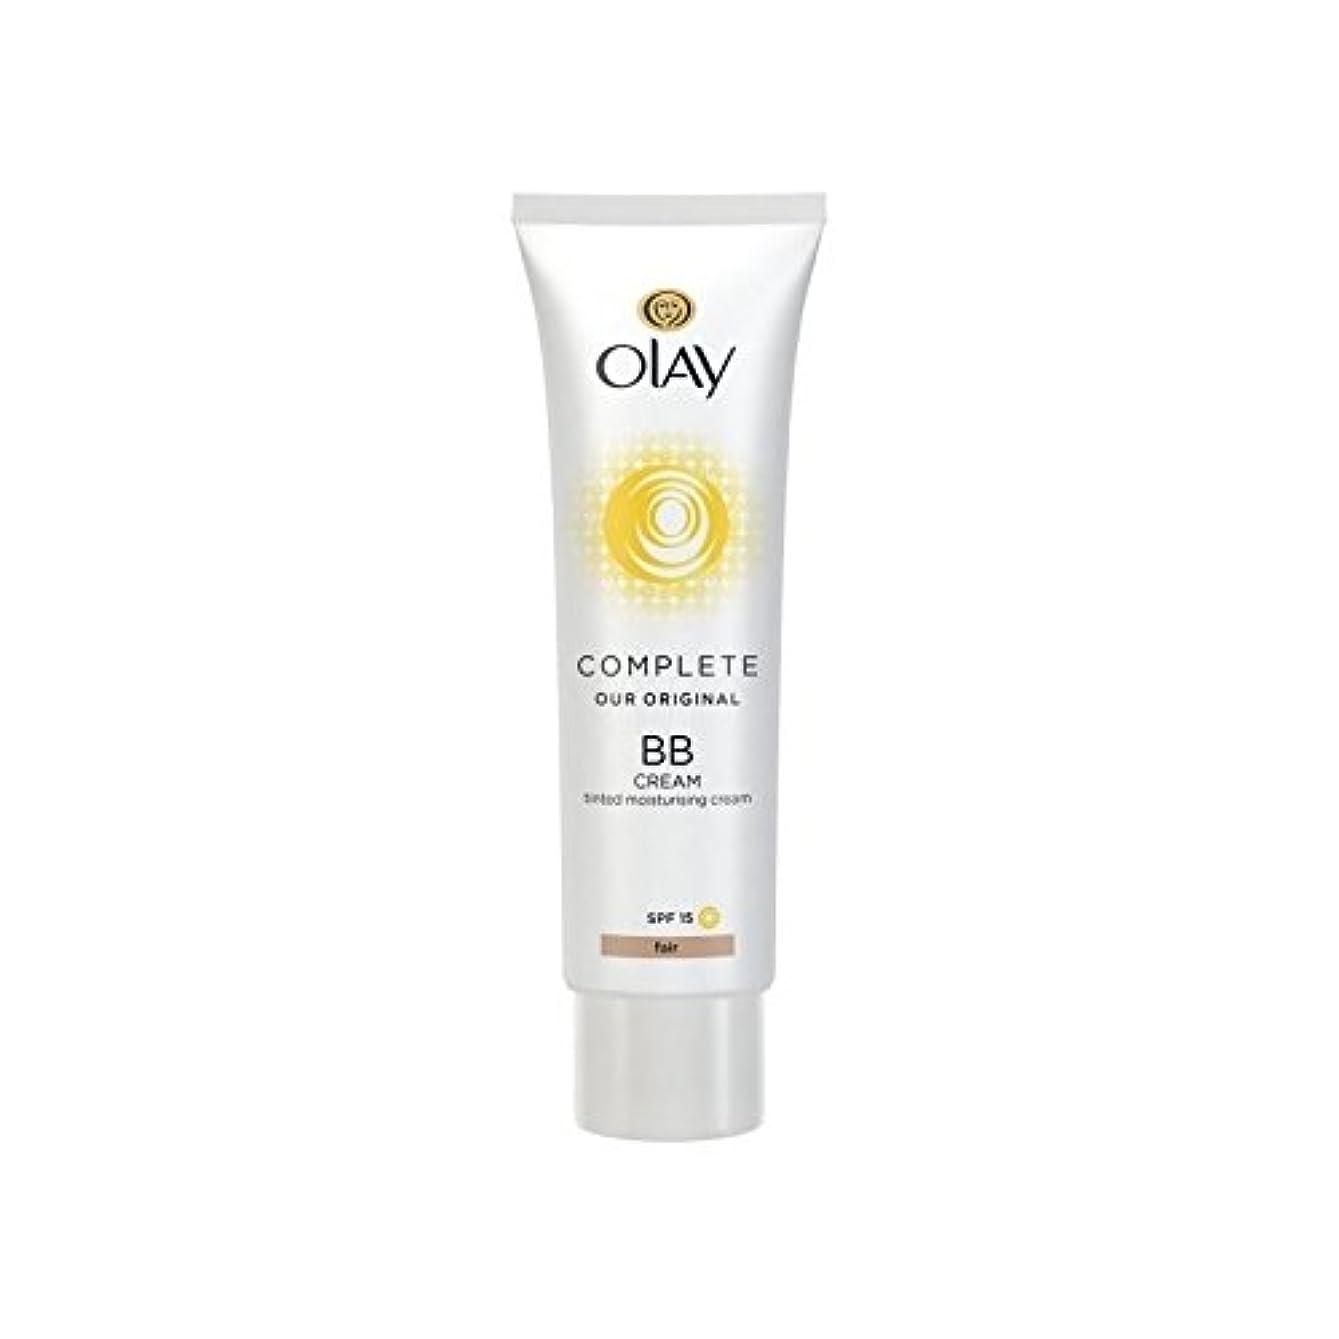 ダンプうんセメントOlay Complete BB Cream Fair SPF15 50ml - オーレイ完全なクリーム15フェアの50ミリリットル [並行輸入品]